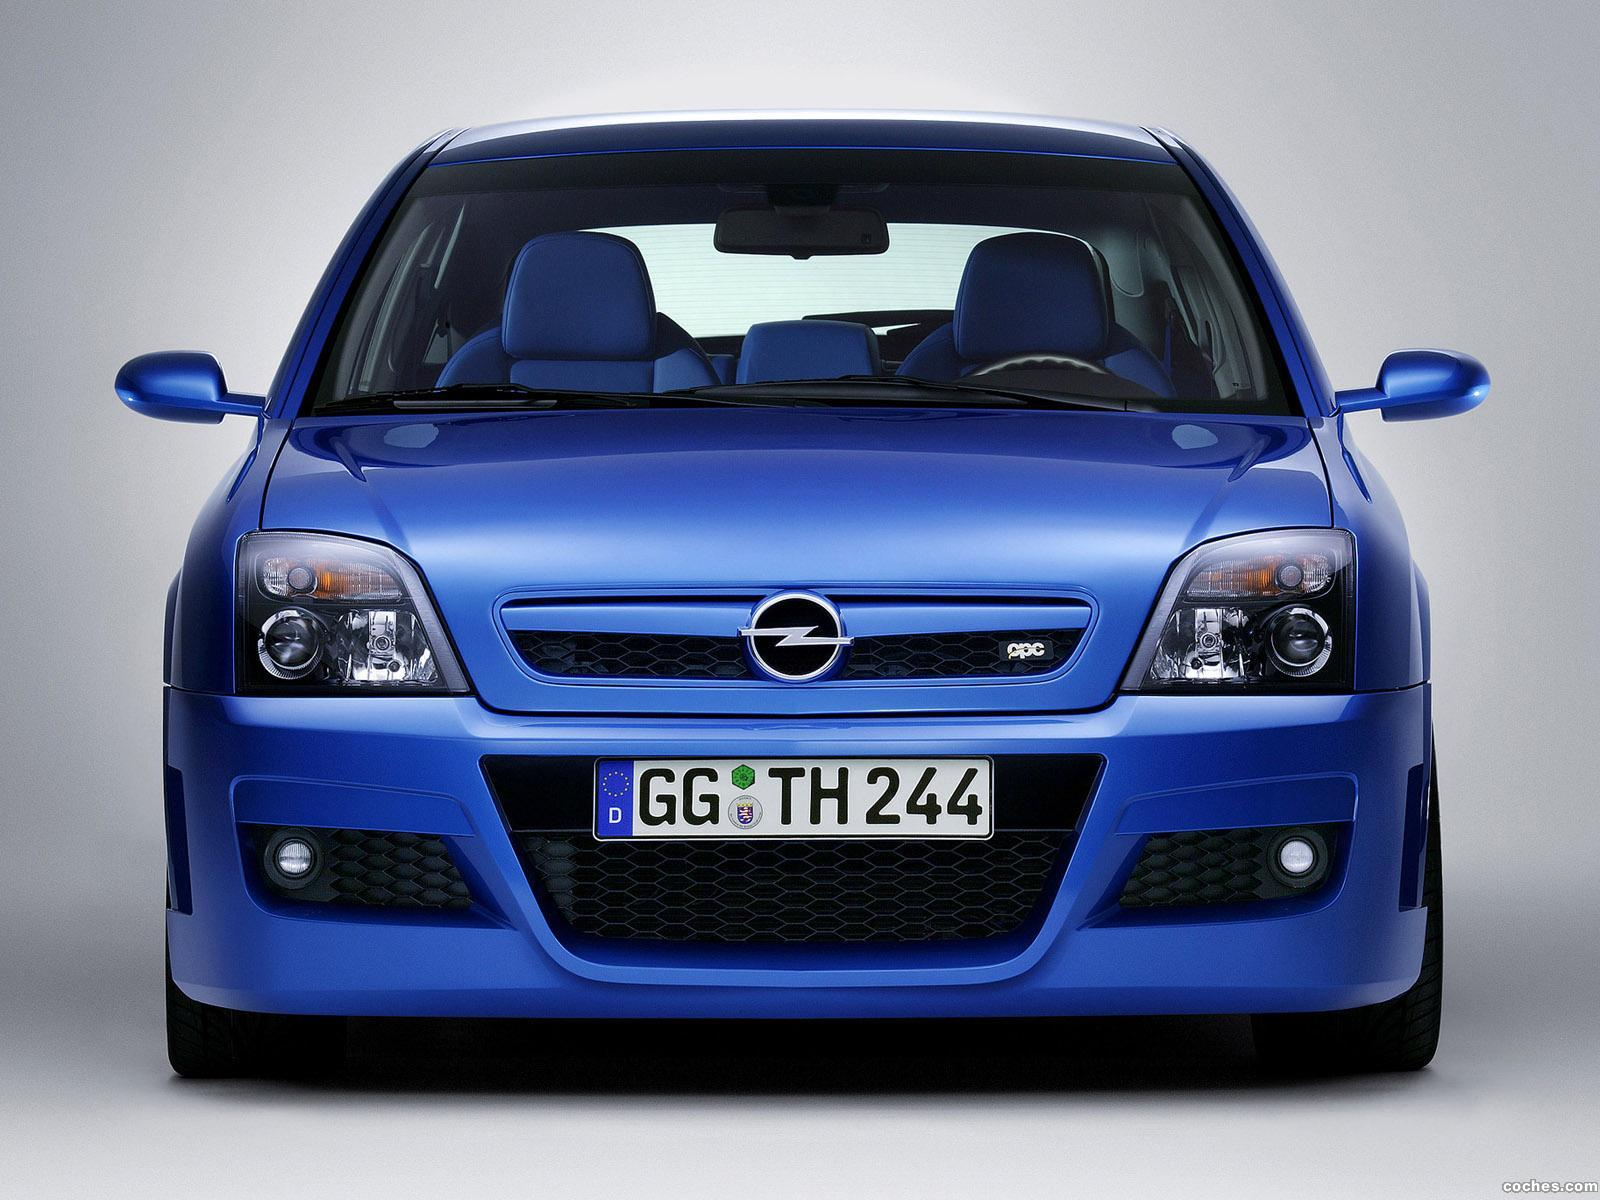 Foto 0 de Opel Vectra GTS Twin Turbo OPC 2003